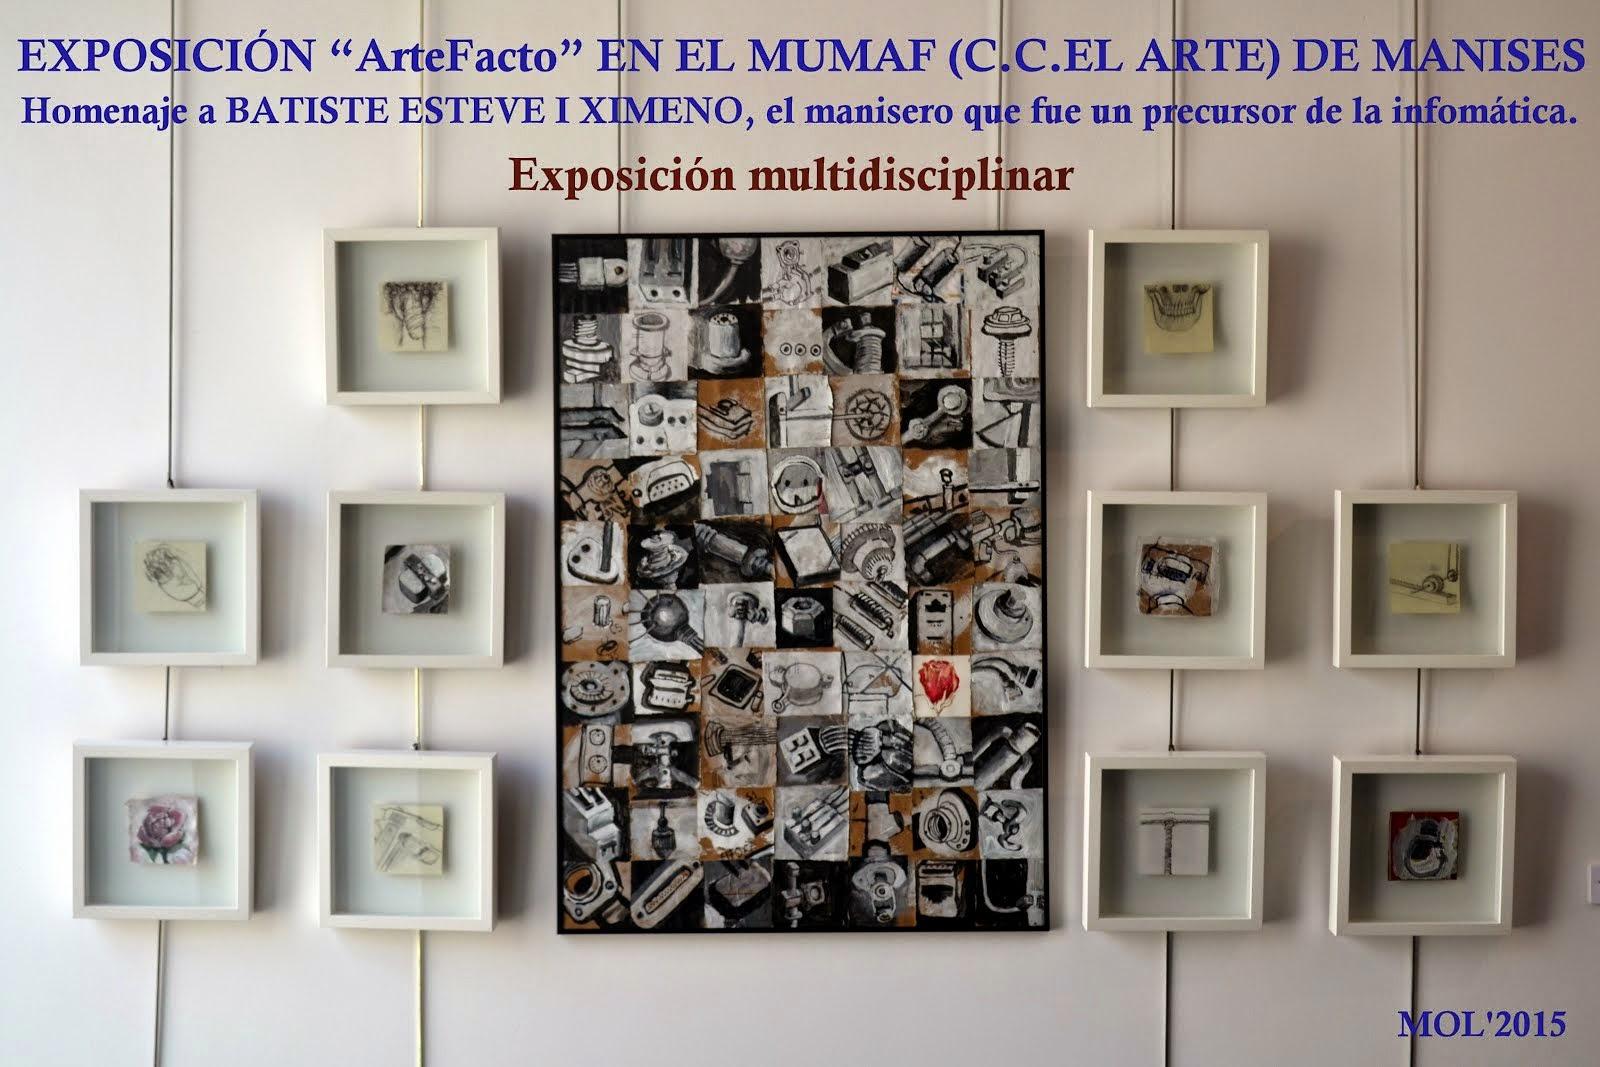 """EXPOSICIÓN """" ARTEFACTO """" MULTIDISCIPLINAR EN EL MUMAF, C. CULTURAL EL ARTE"""